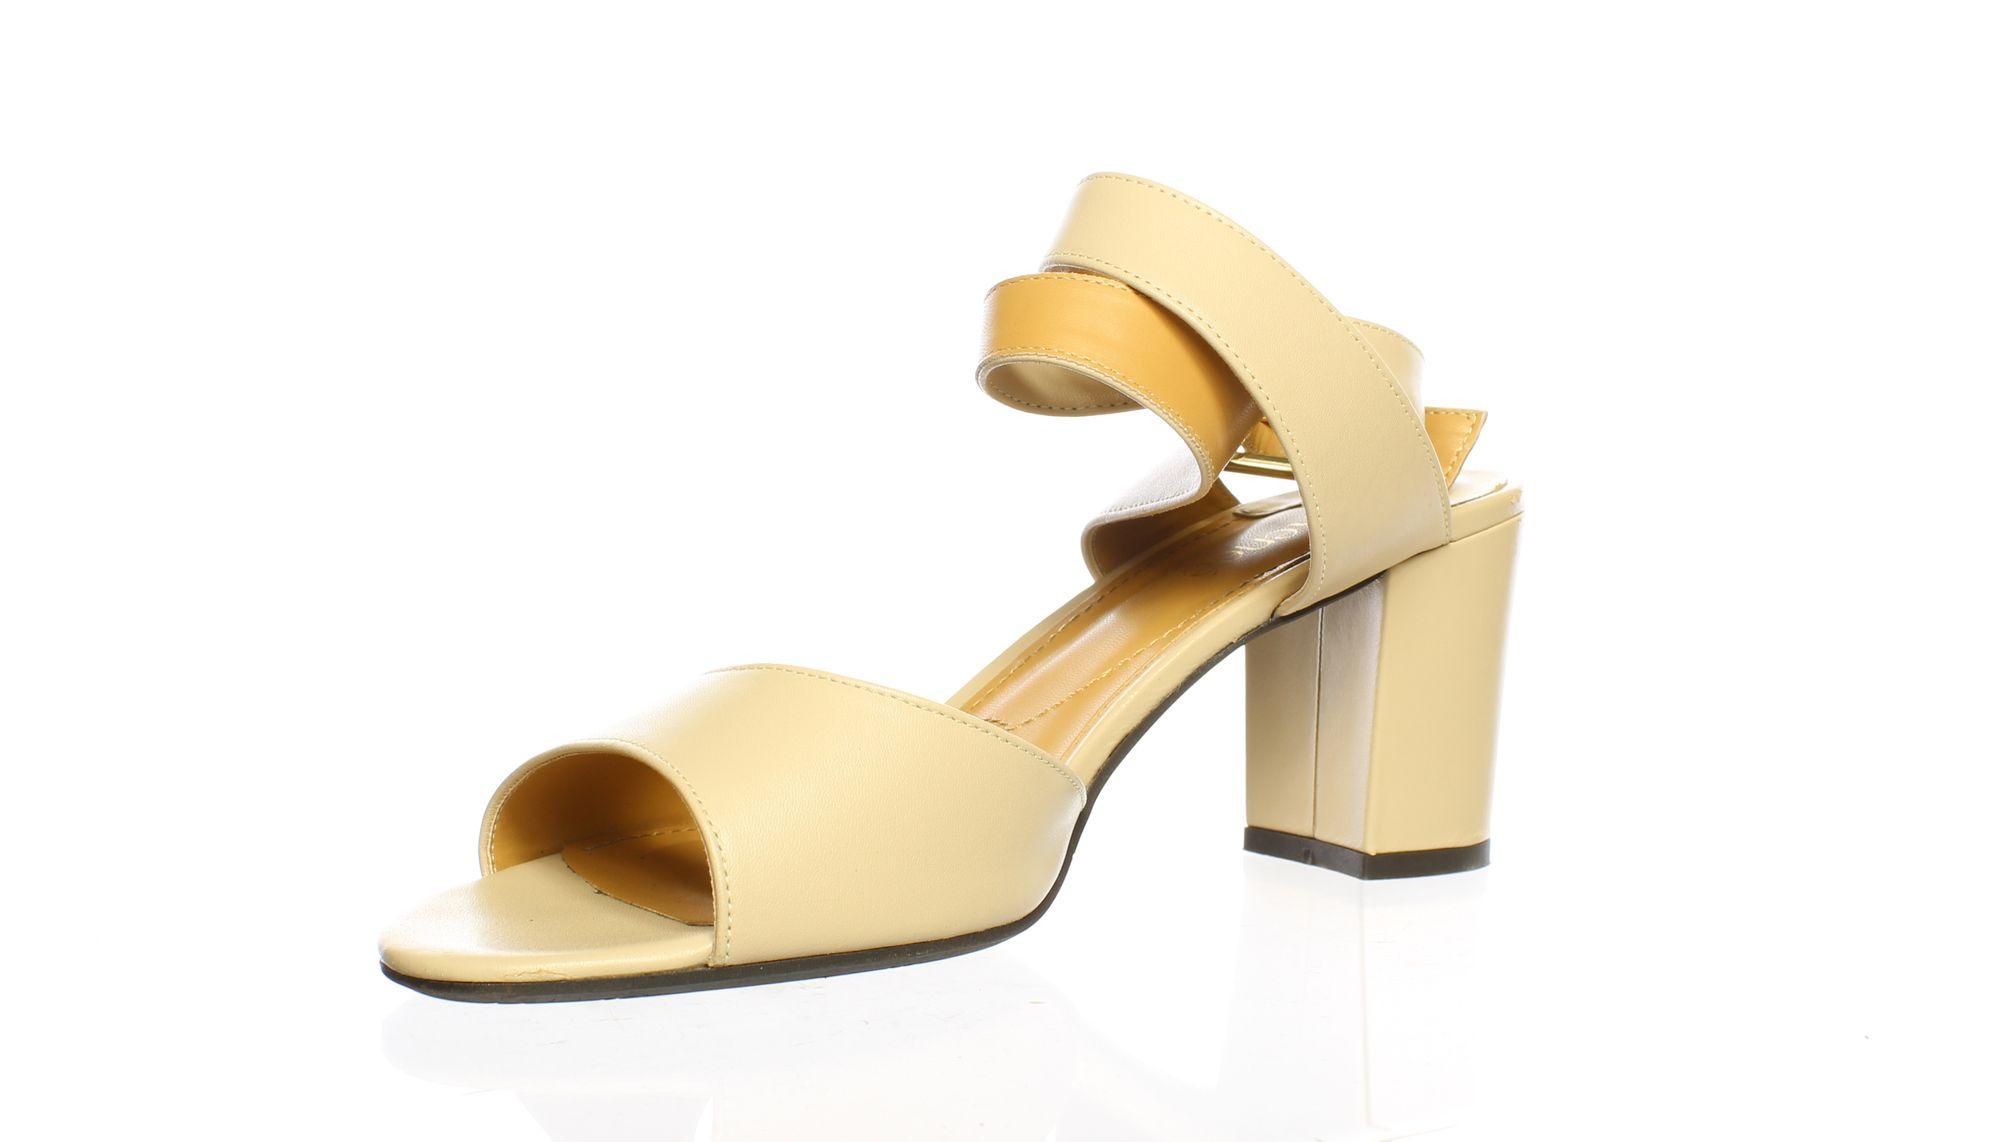 J. Renee Womens Drizella Nude Ankle Strap Heels Size 10